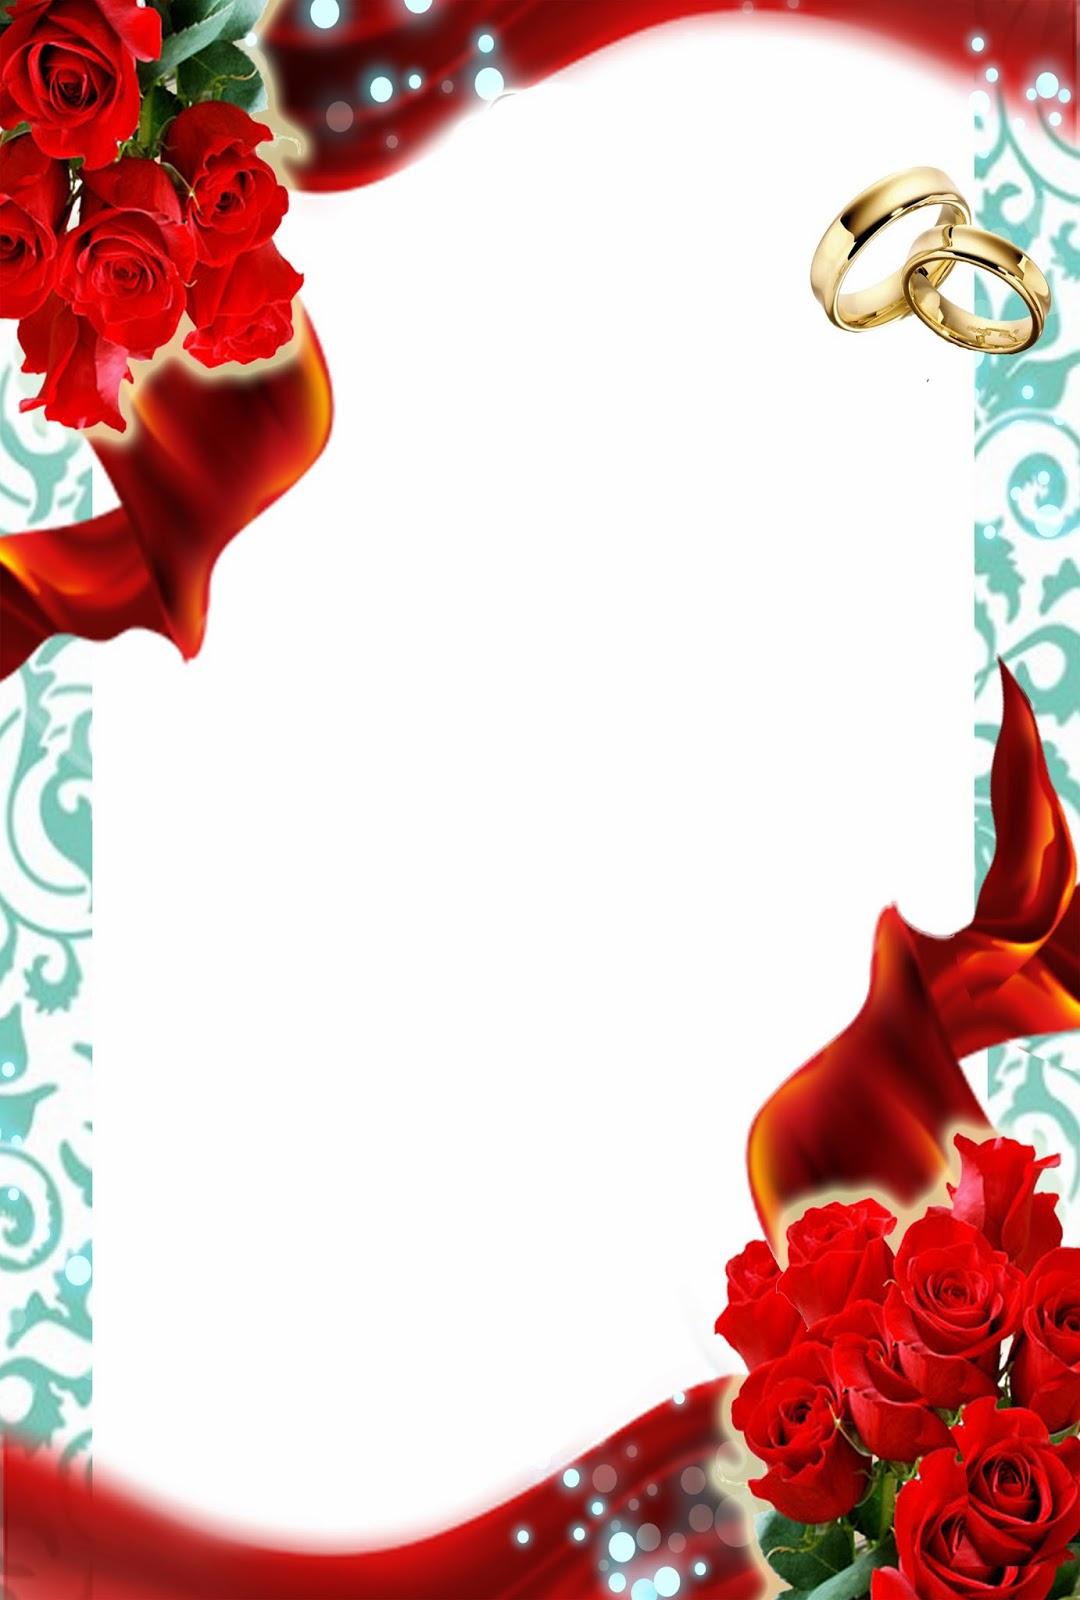 Descarga gratis Invitación para Boda Turquesa, Rosas Rojas y ...